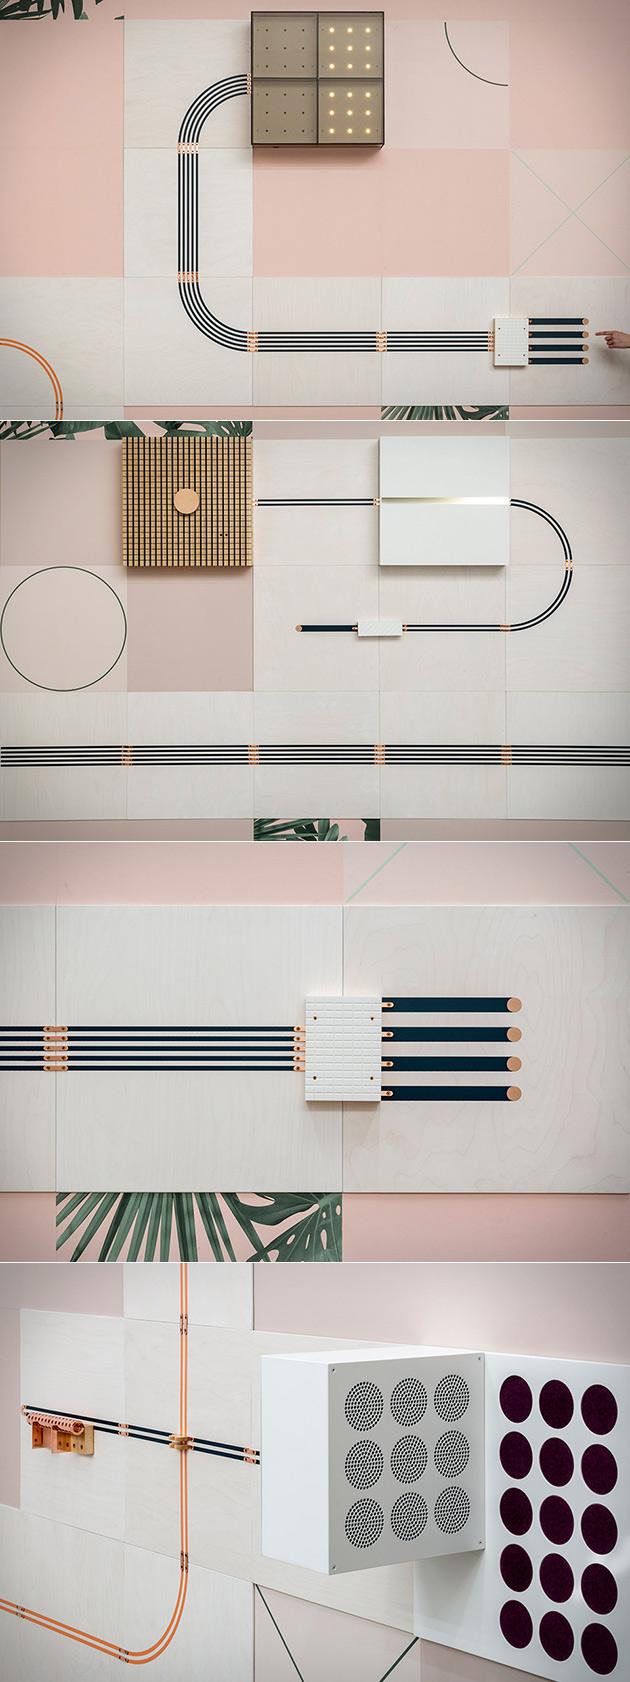 Conductive Wallpaper